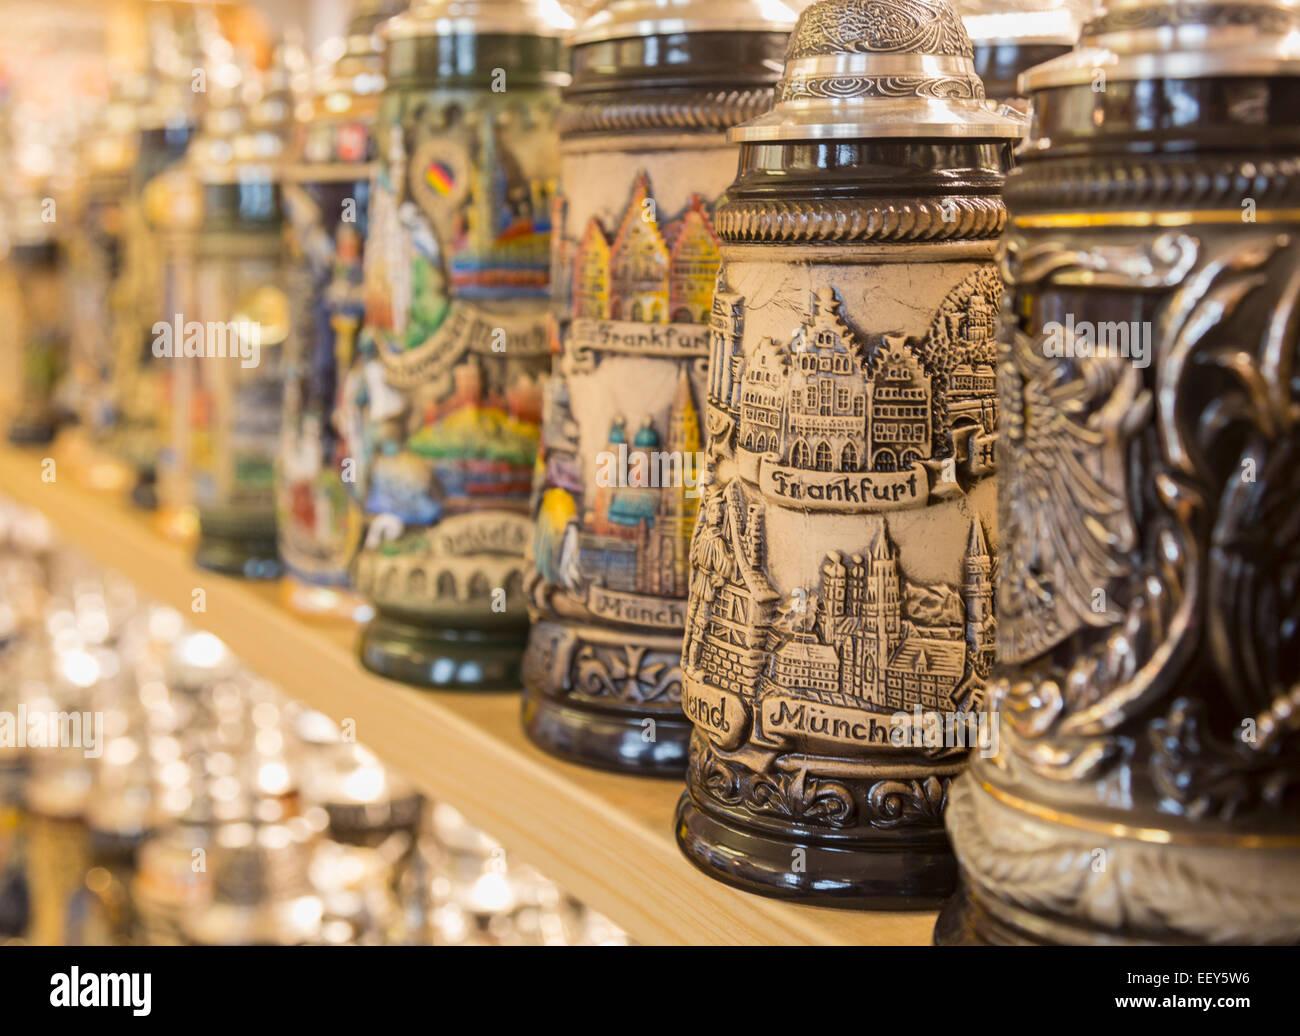 Reihe von deutschen Stein Biergläser oder Humpen auf einem Regal in einem Geschäft in Regensburg, Deutschland Stockbild